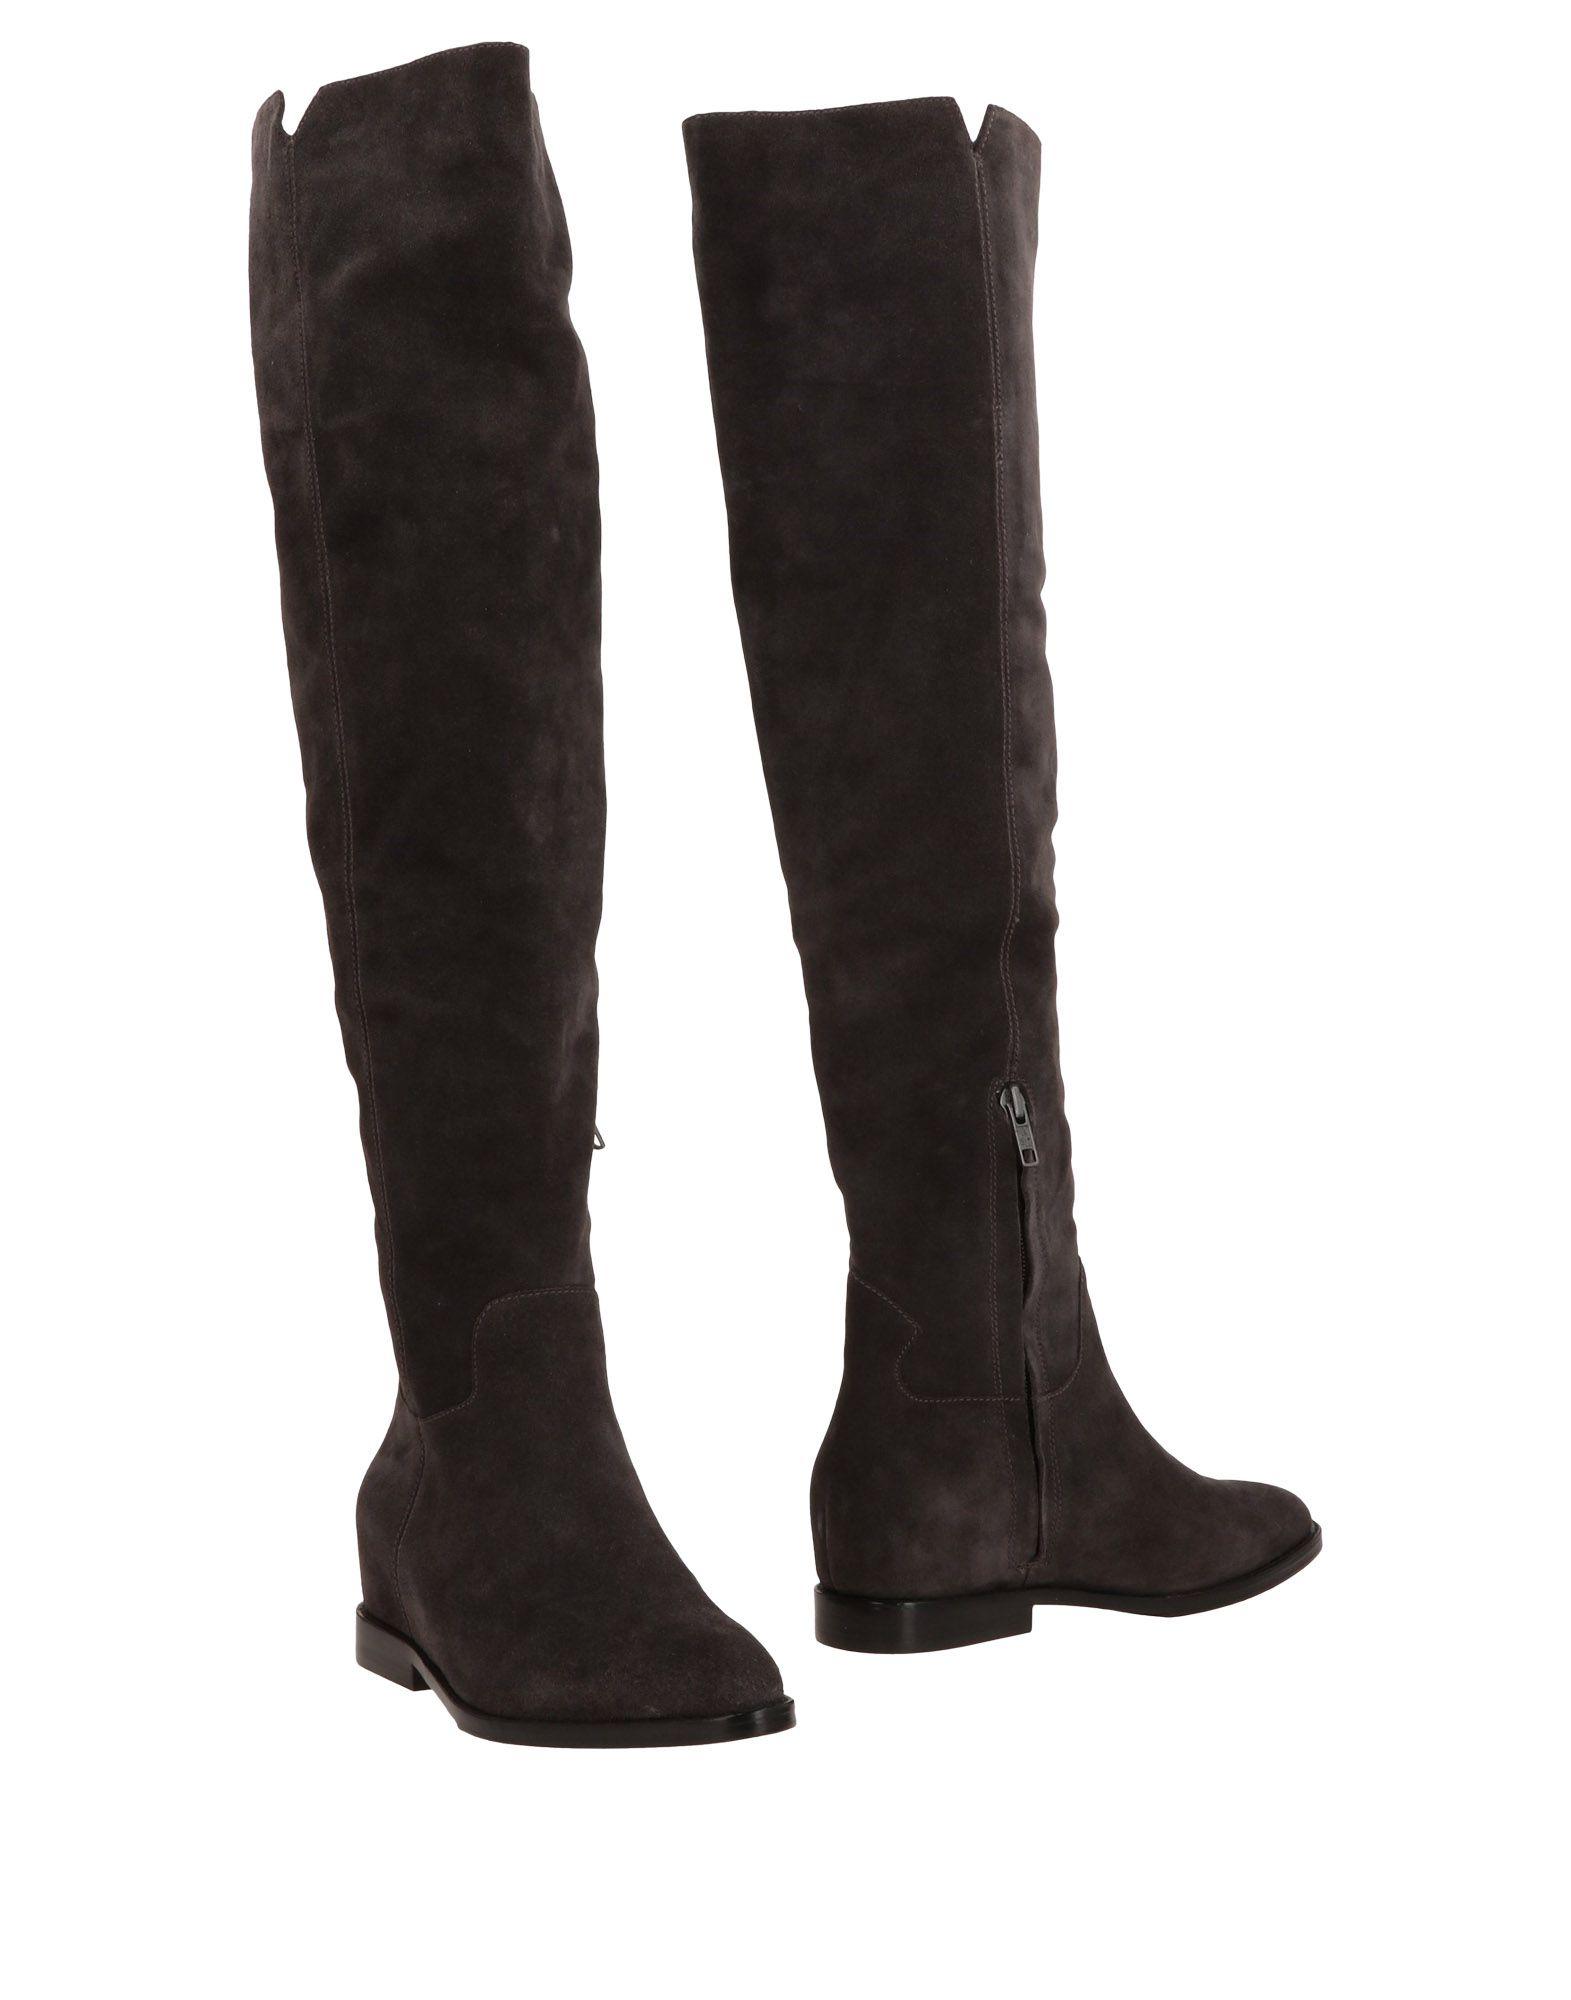 Ash Stiefel Damen  11460654IKGut aussehende strapazierfähige Schuhe